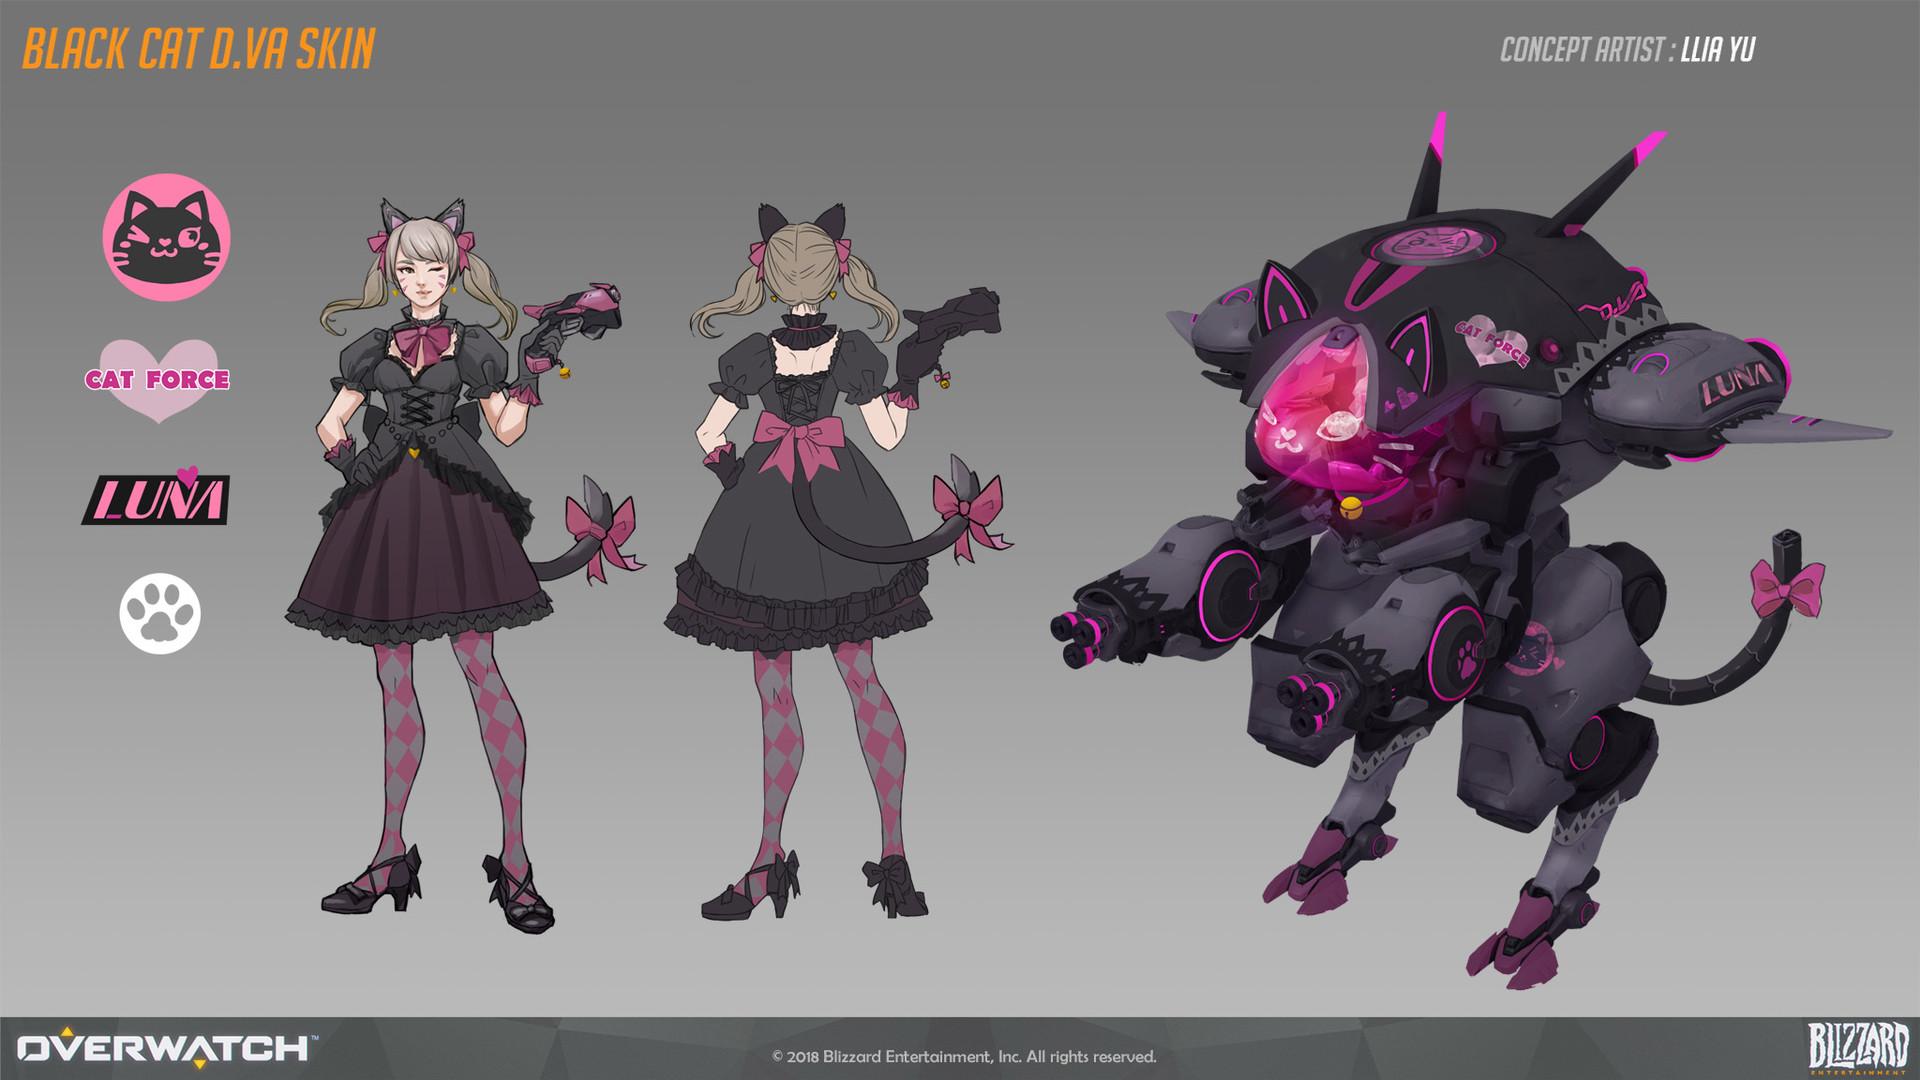 Llia yu black cat dva